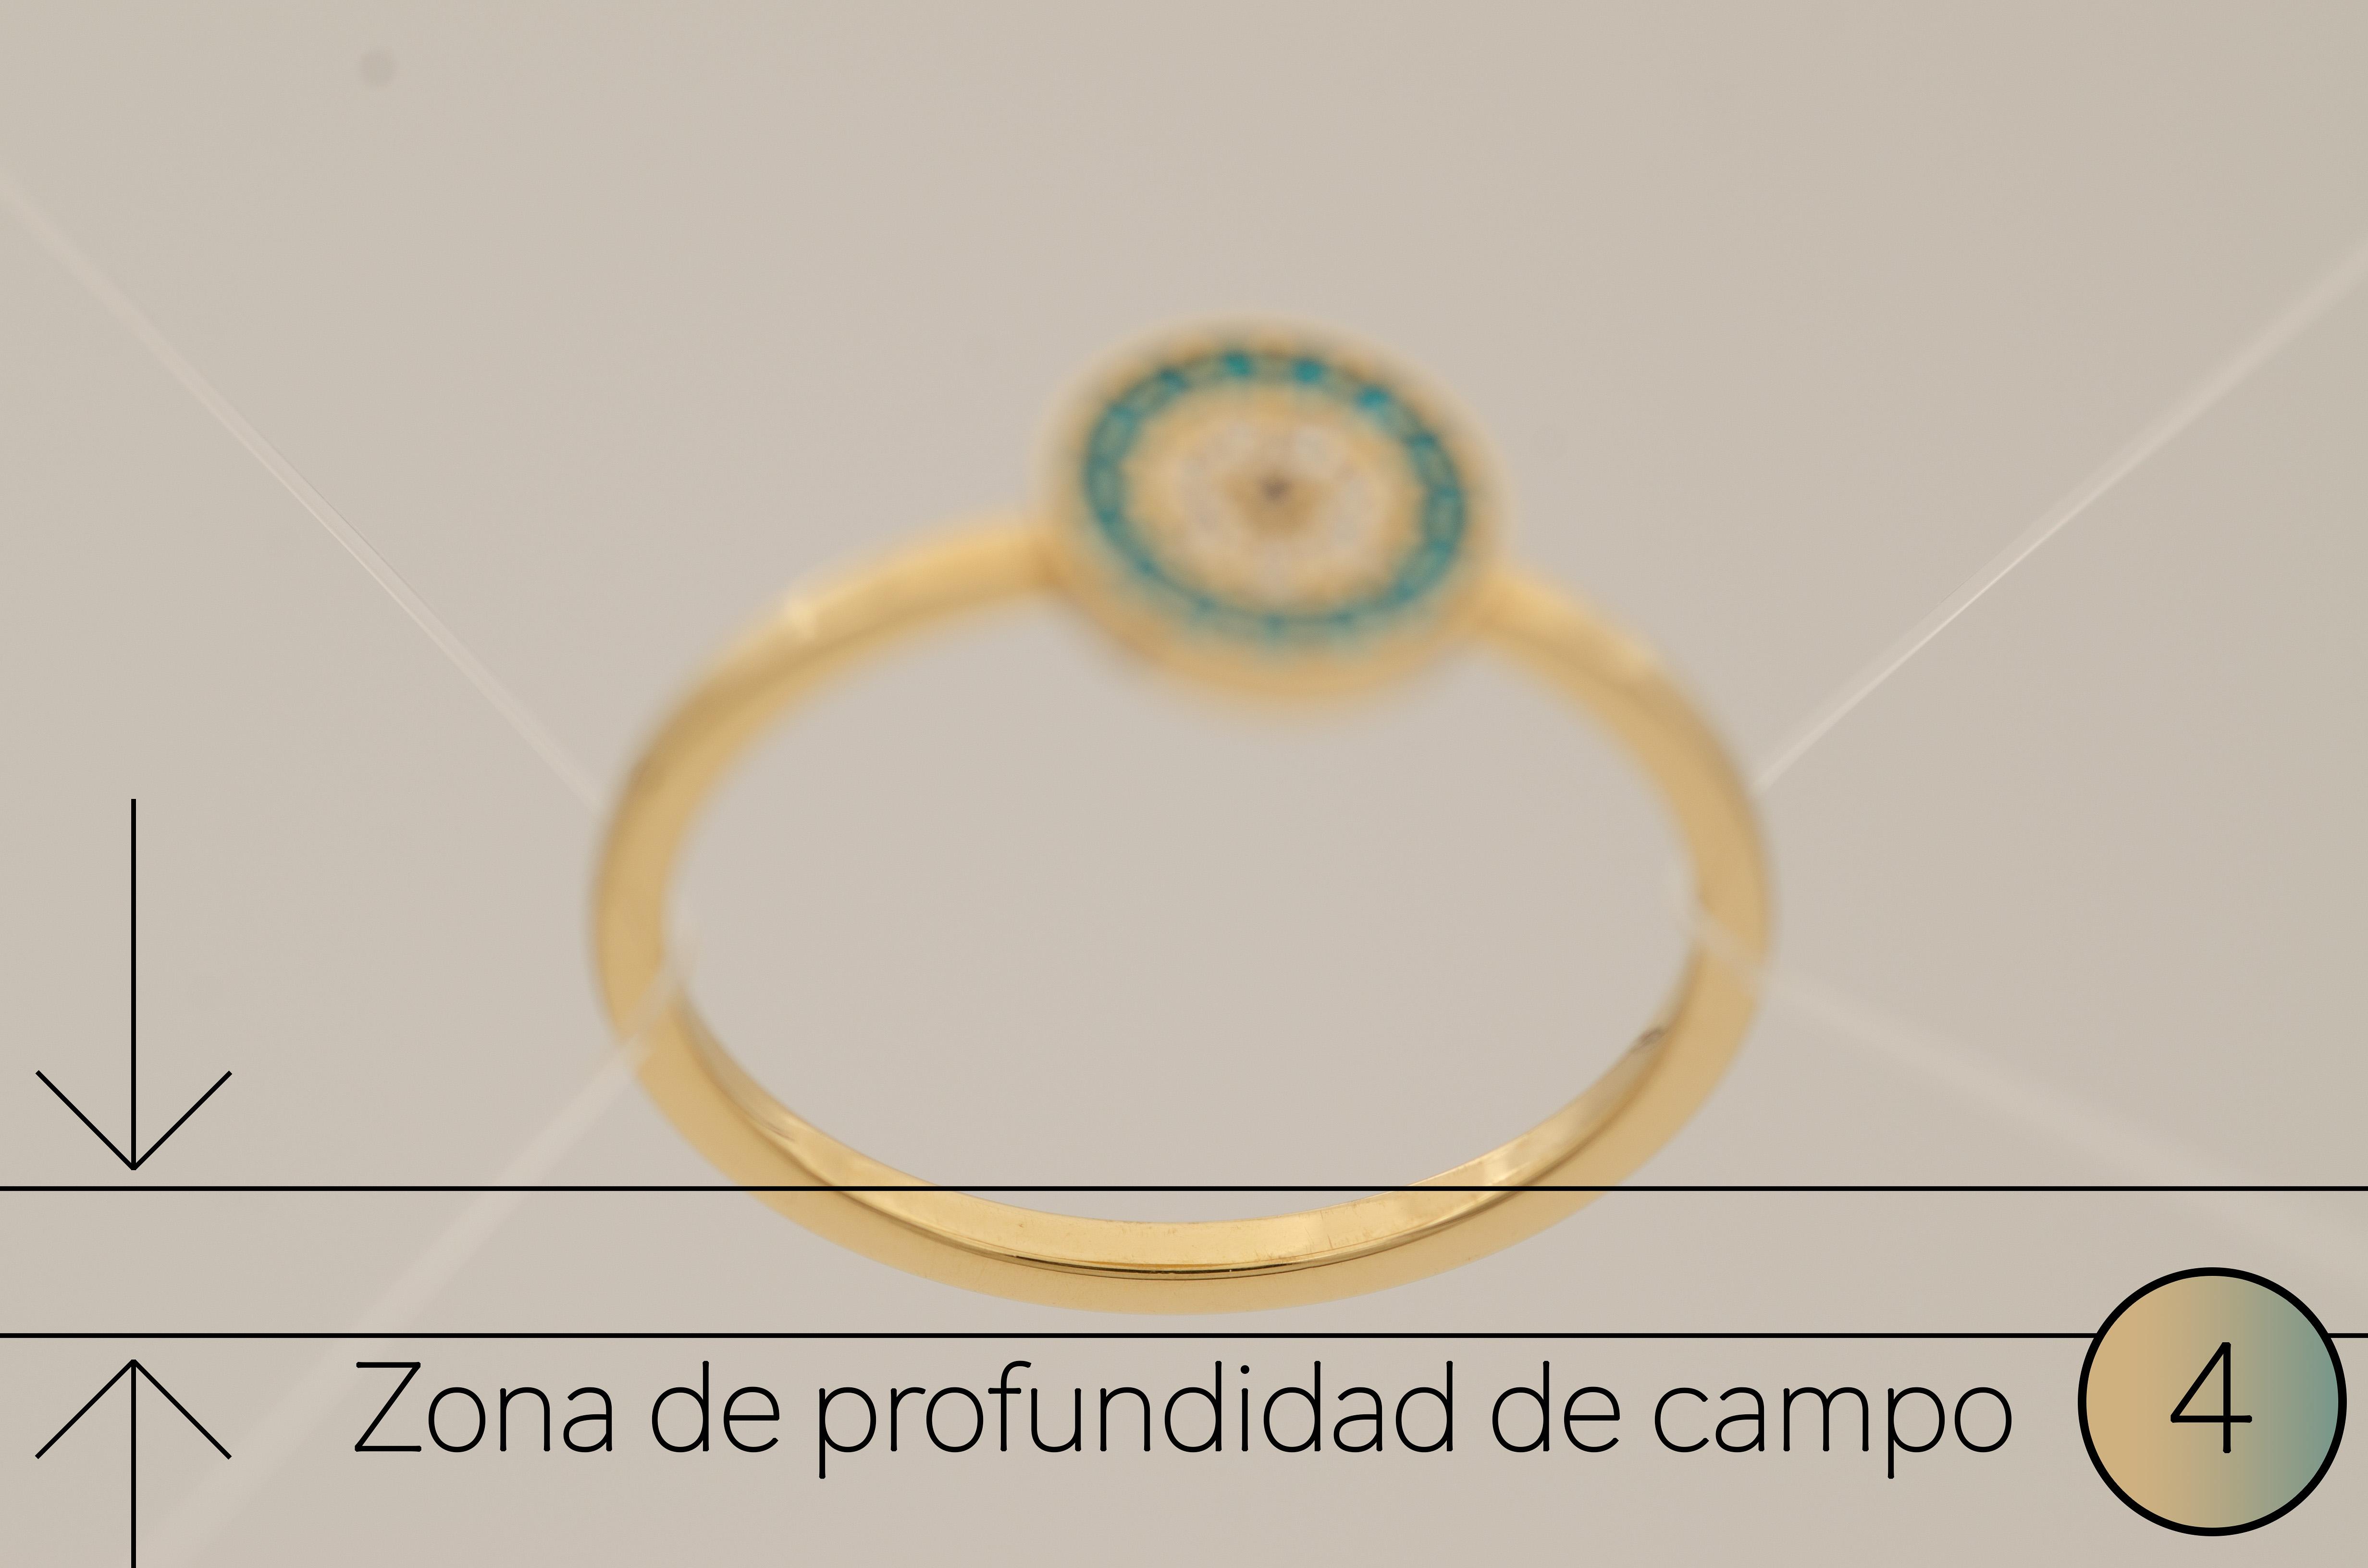 Fotografia de un anillo que muestra como varia la profundidad de campo en la técnica del focus stacking (parte 4)